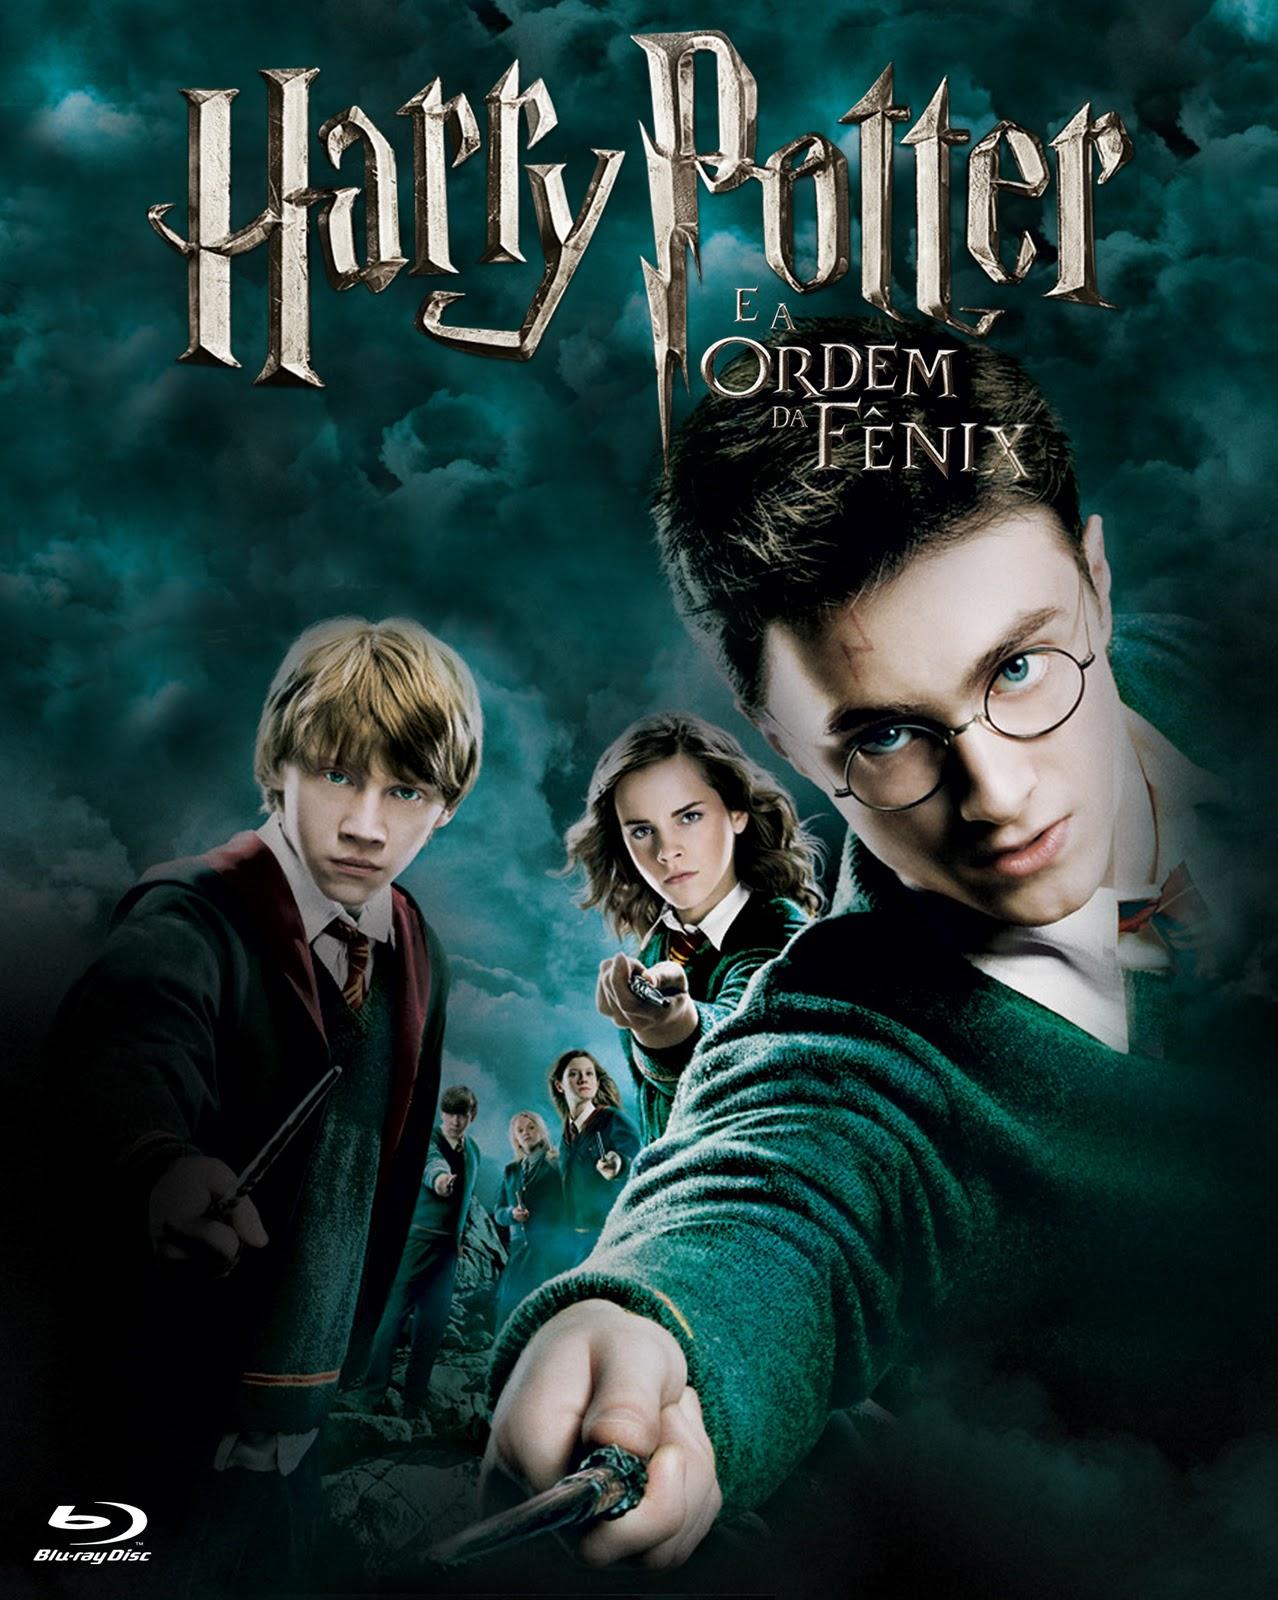 """Filmes """"Guilty Pleasures"""" - Página 3 HARRY-POTTER-E-A-ORDEM-DA-FENIX"""